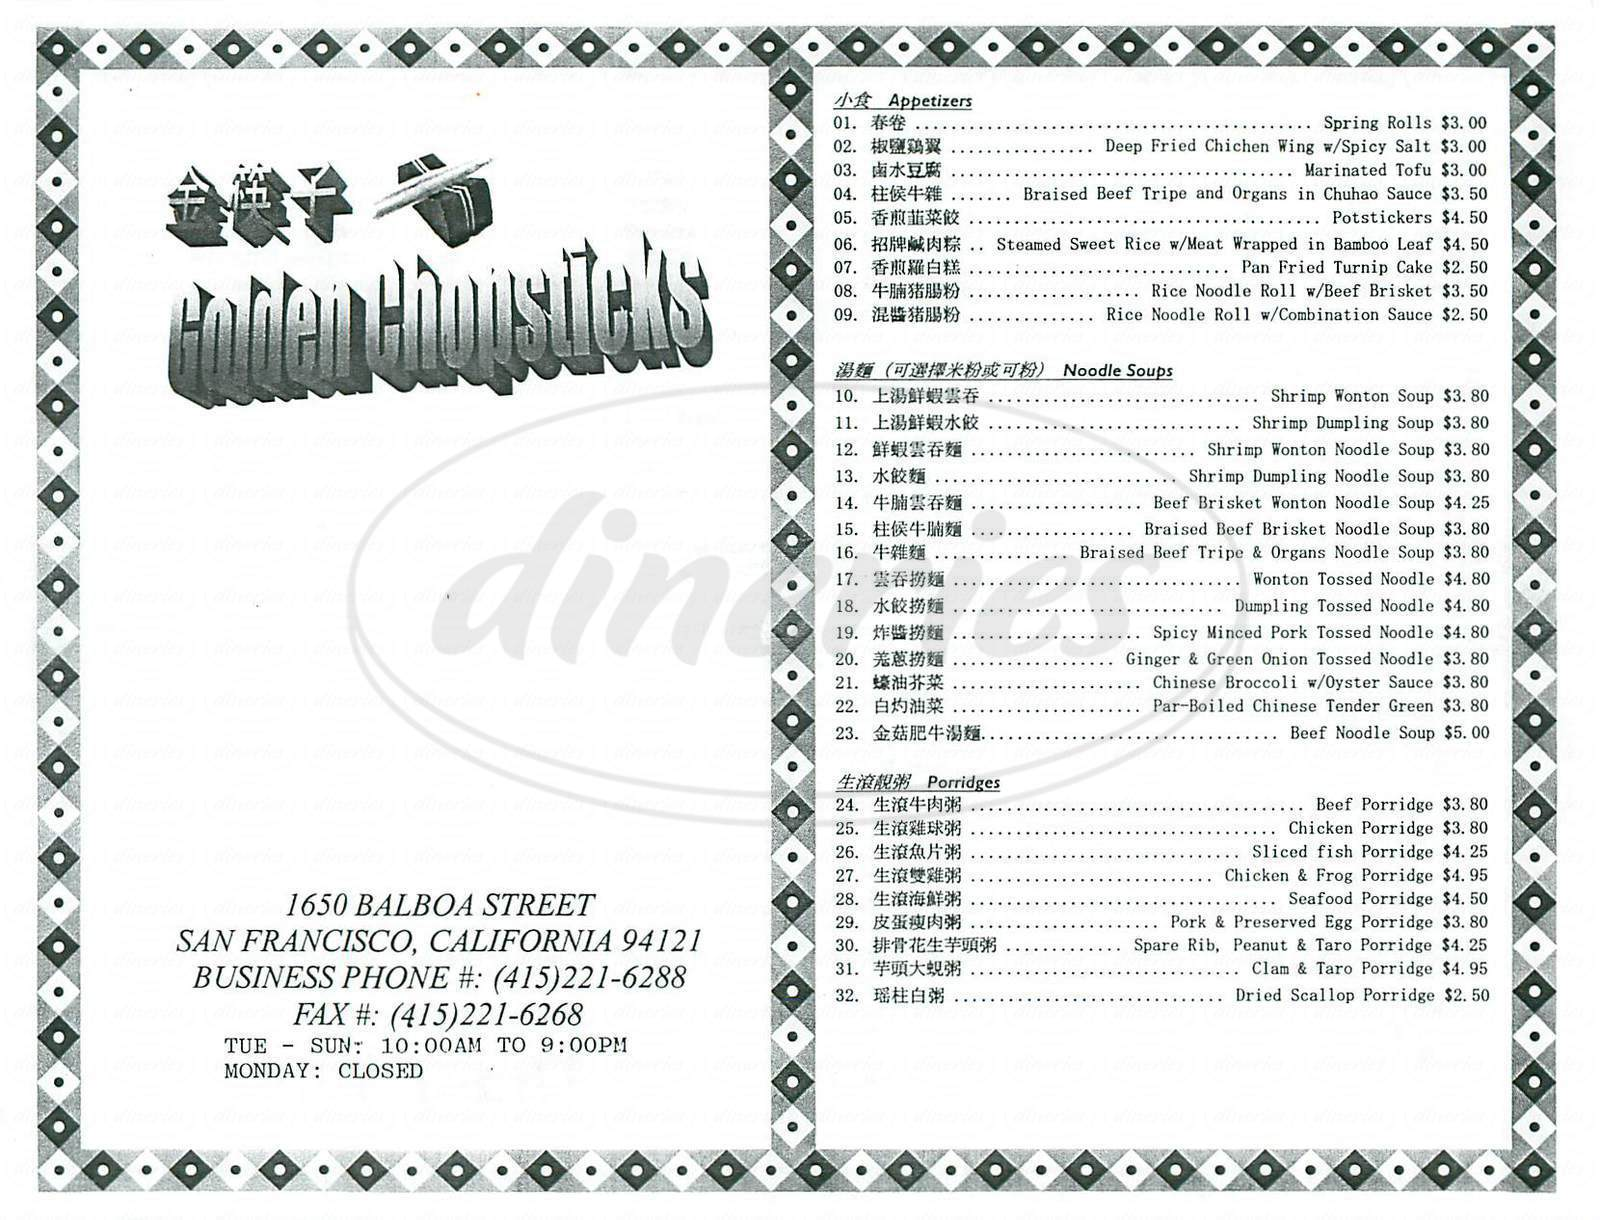 menu for Golden Chopsticks